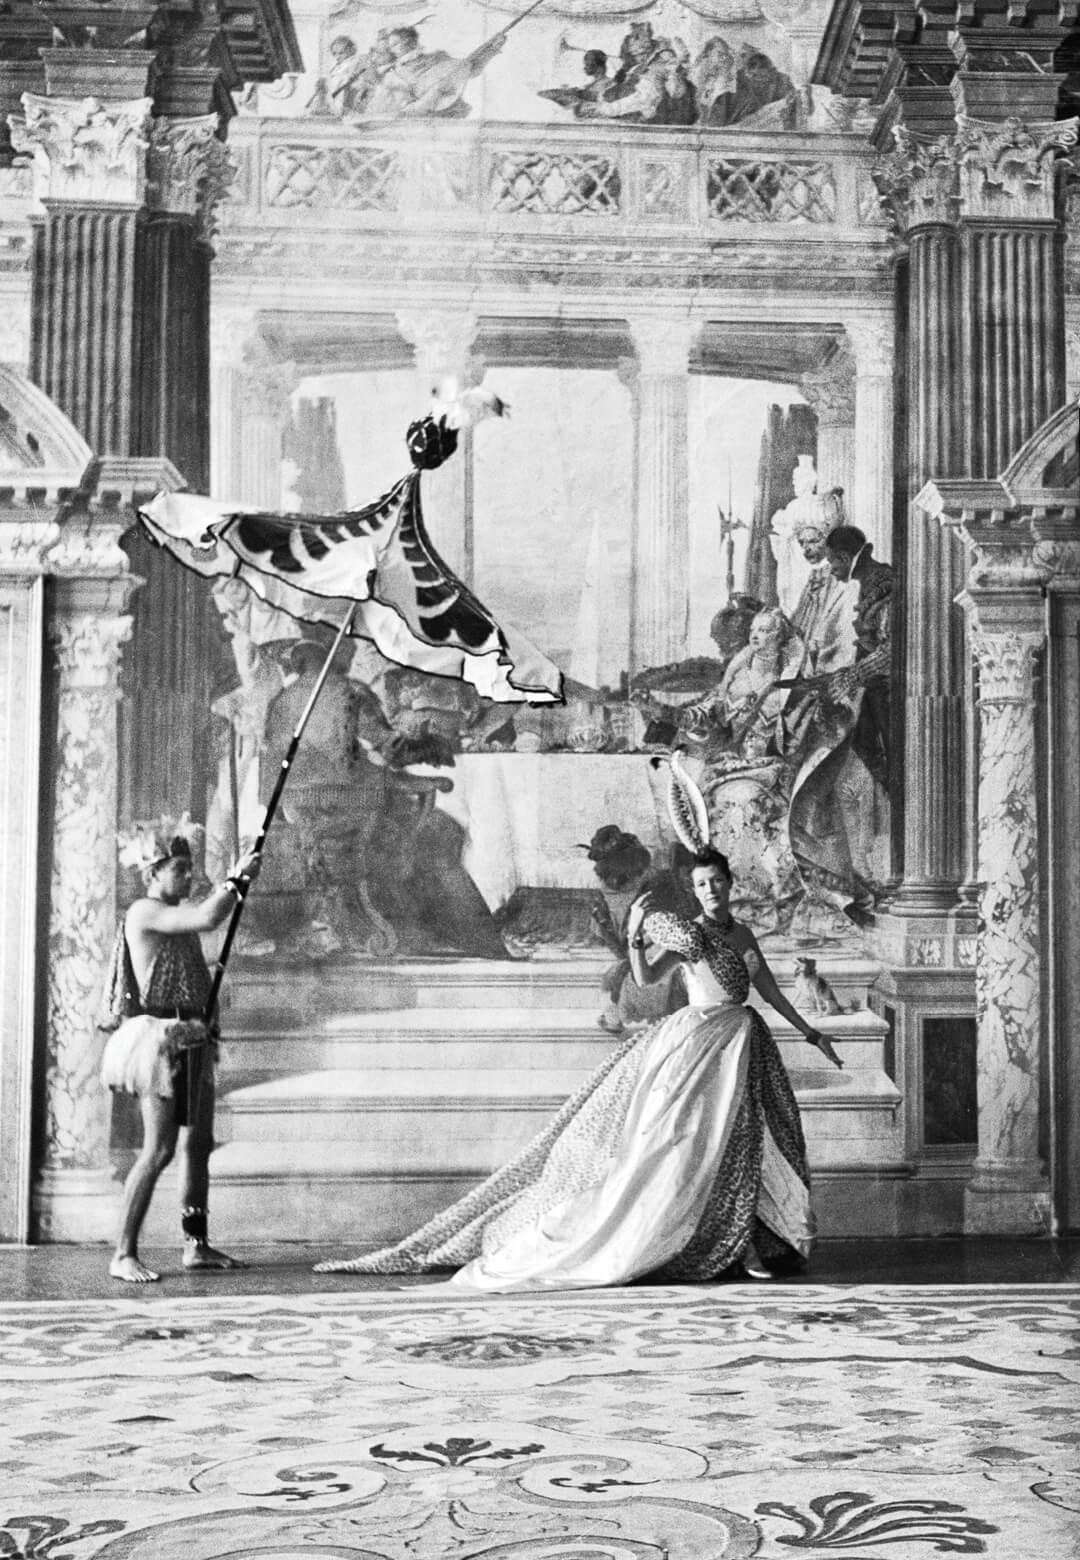 Fashion Eye, Venice by Cecil Beaton | Fashion Eye Venice by Cecil Beaton | Louis Vuitton | STIRworld